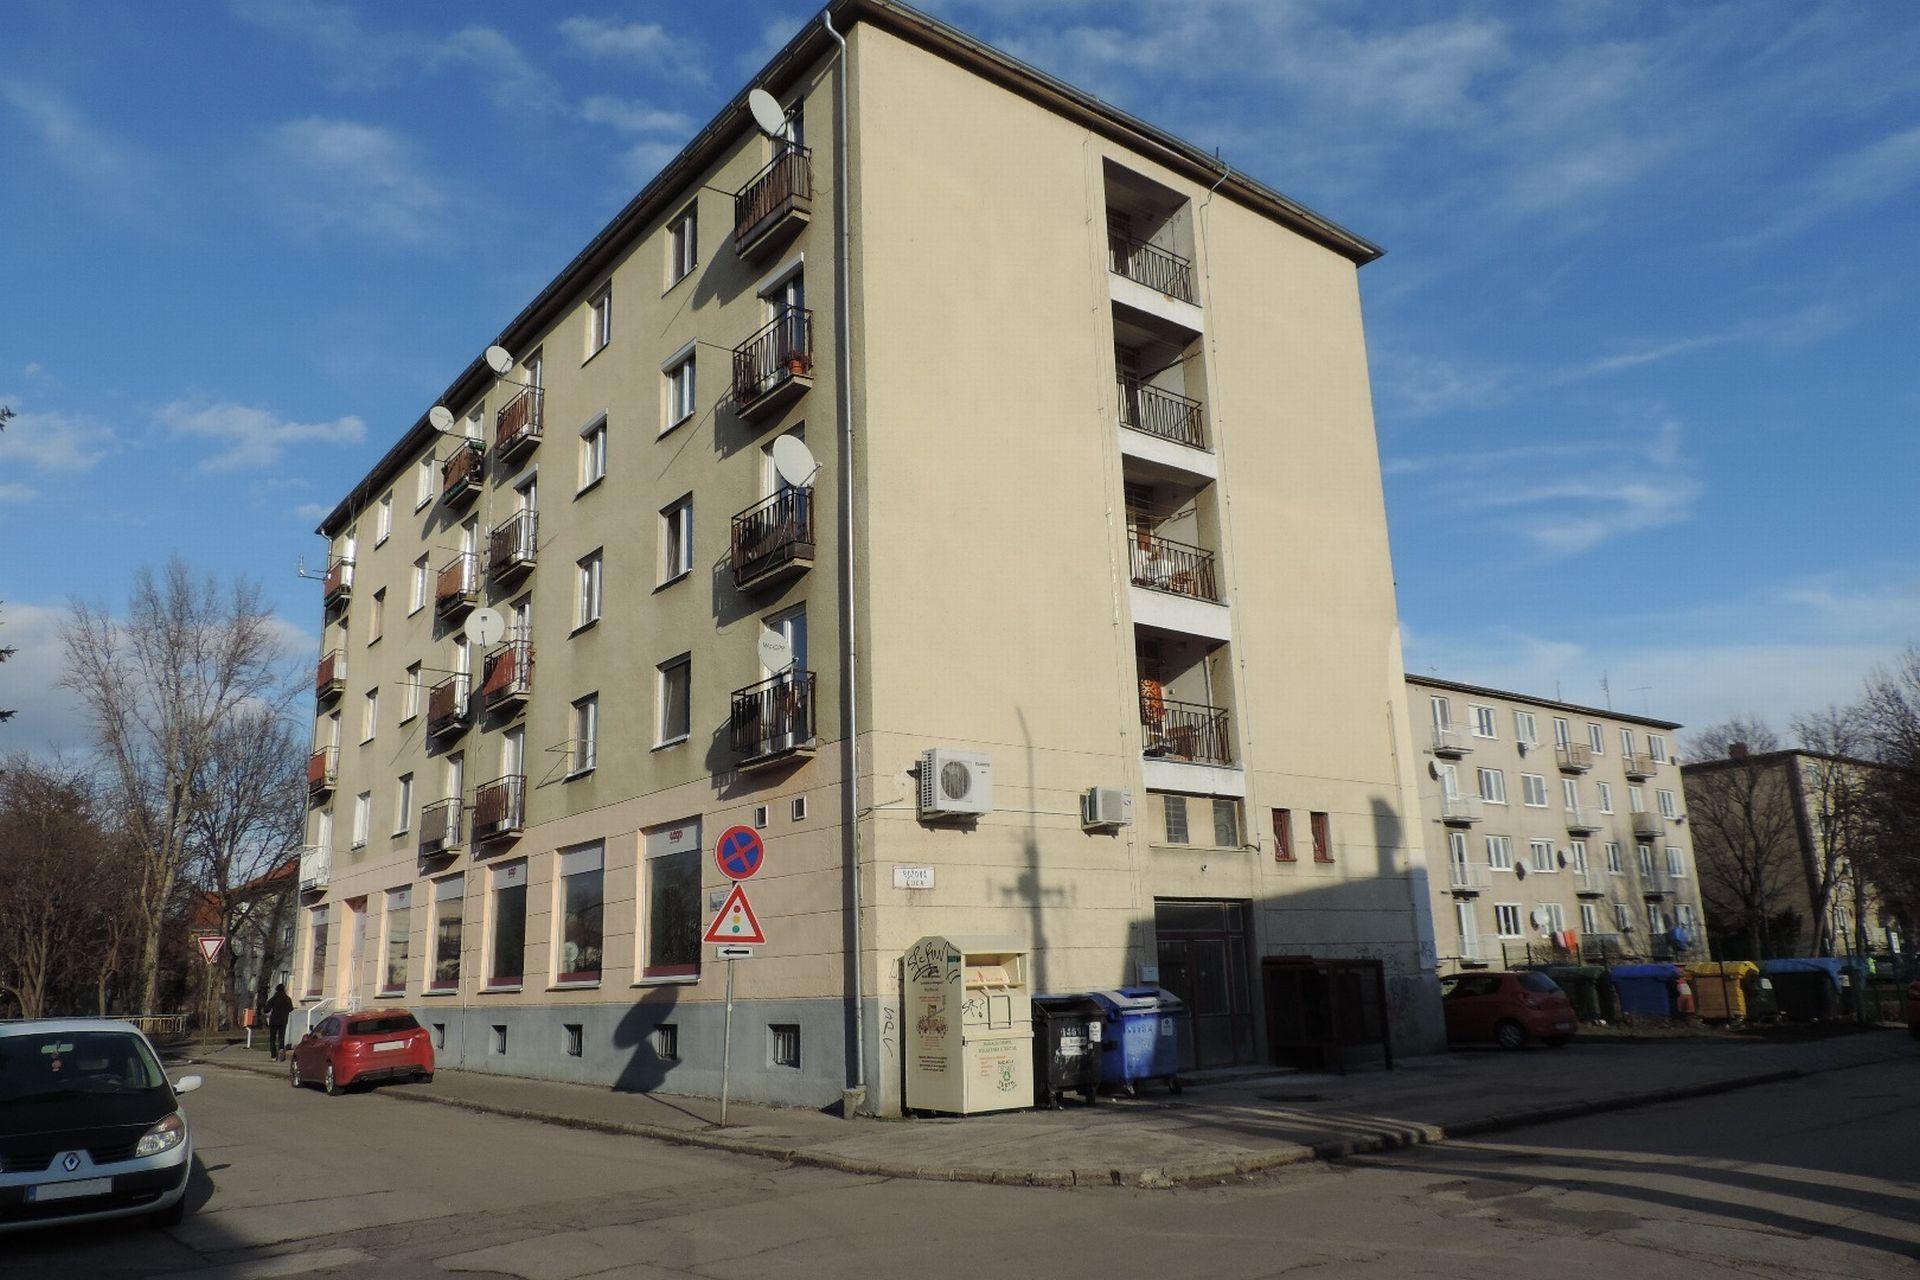 1-izbový kompletne zariadený byt v širšom centre